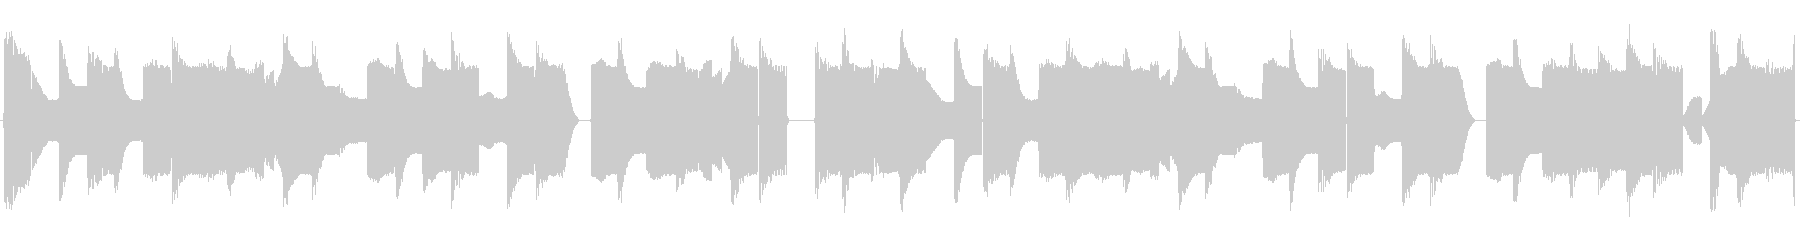 チップチューンの短いループ4の未再生の波形